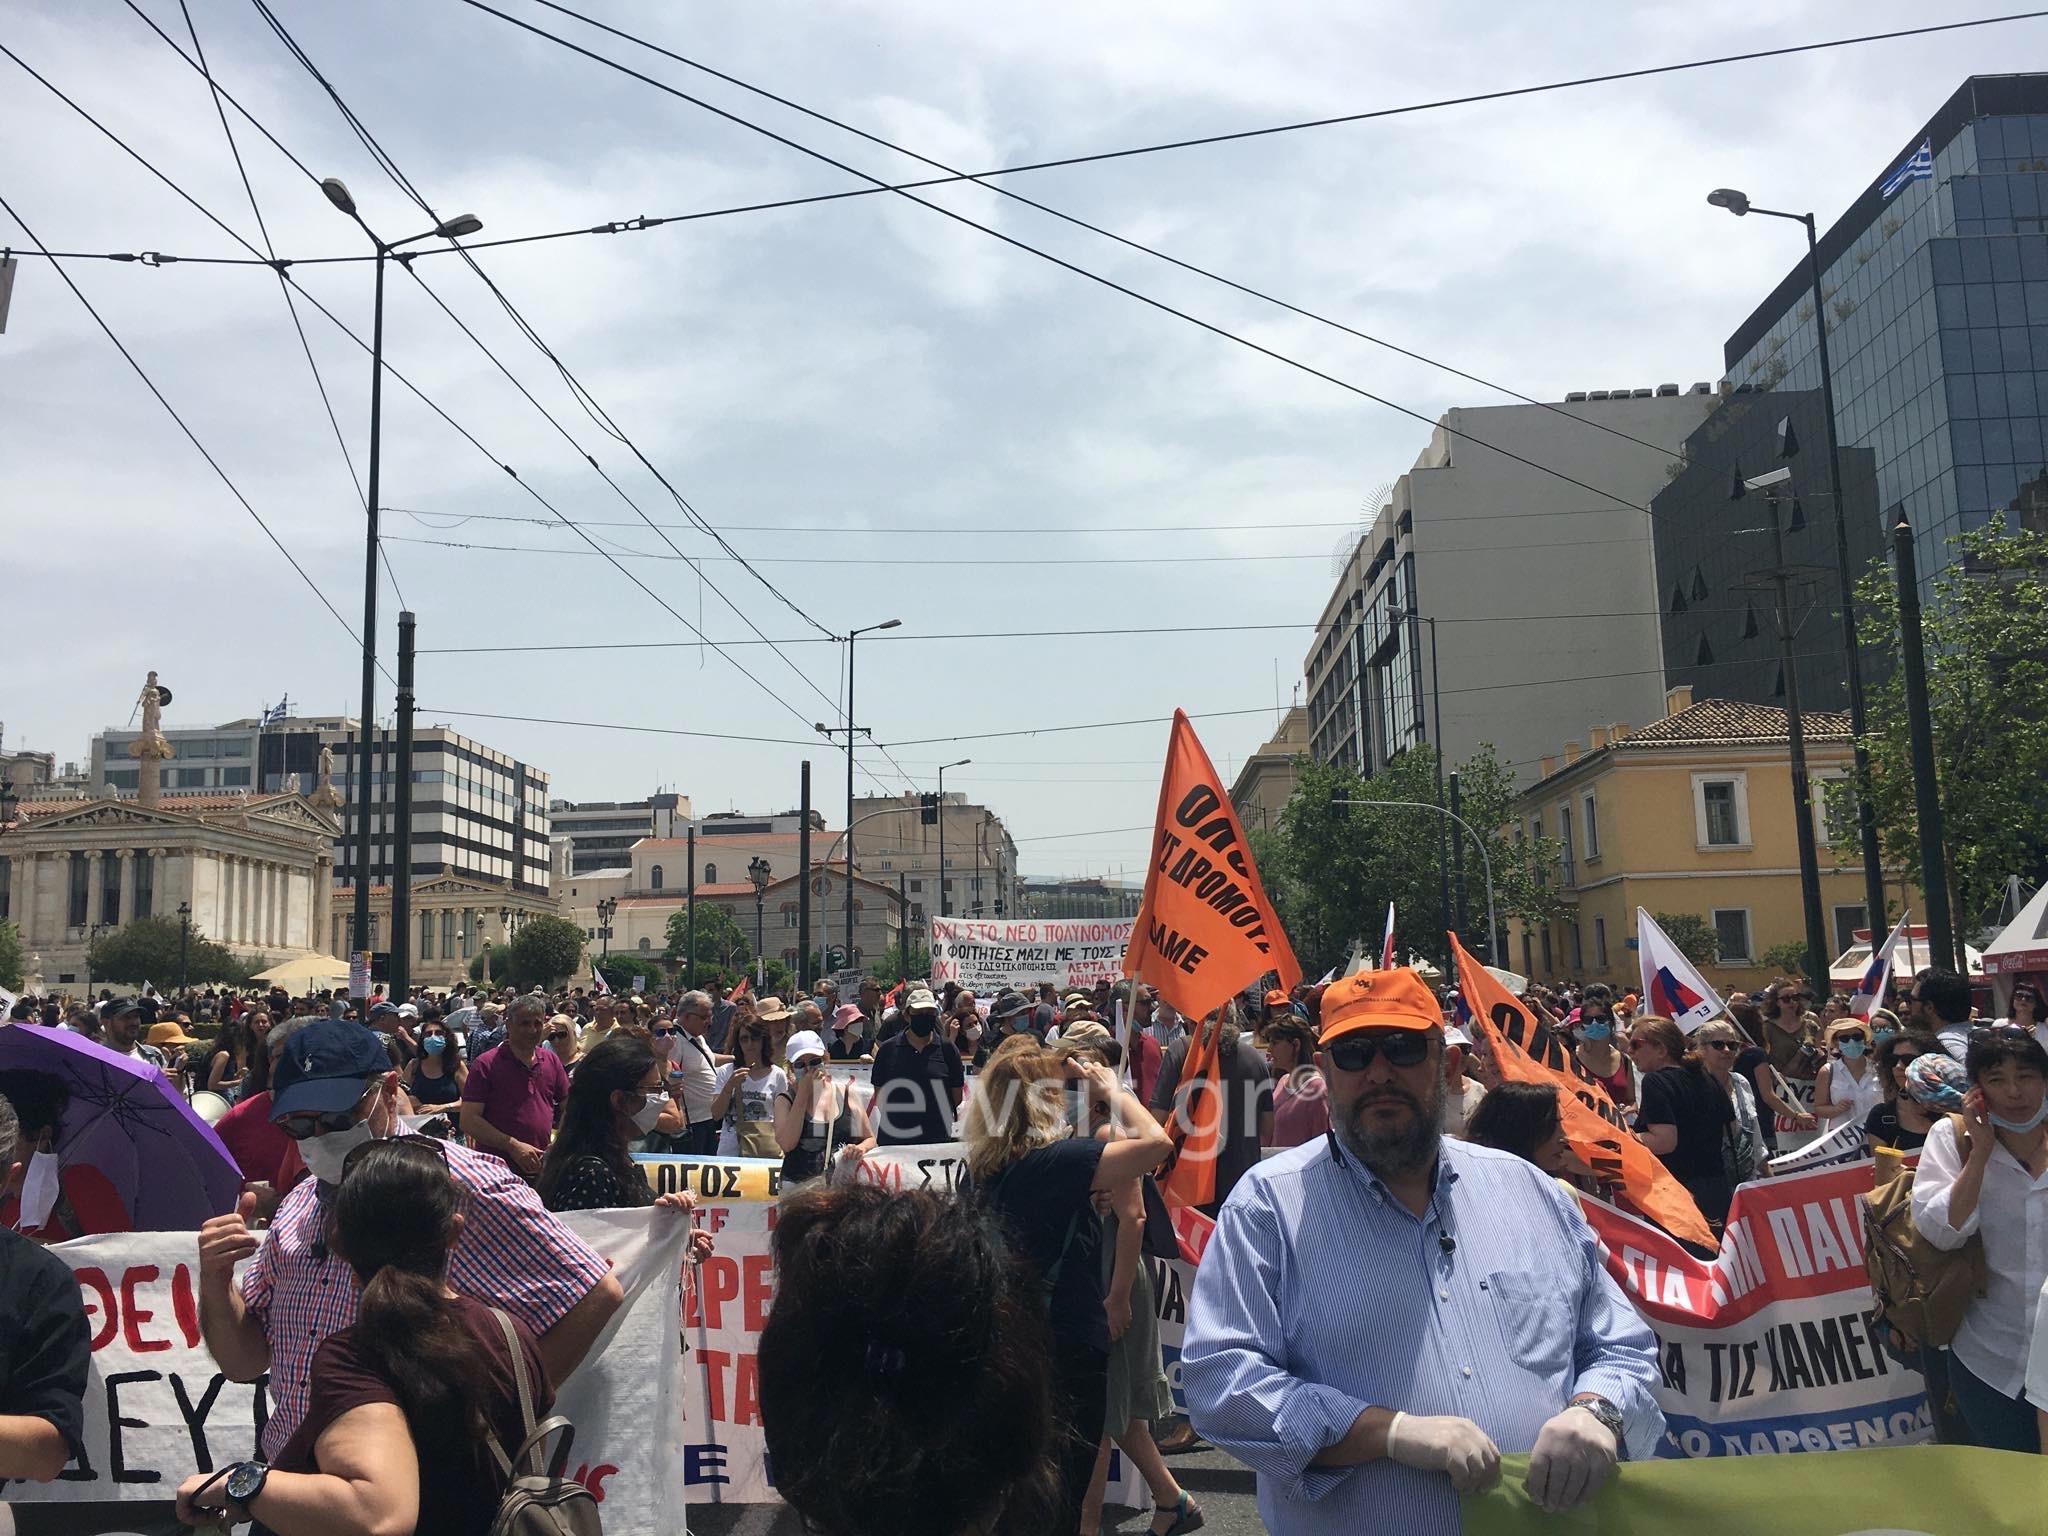 Πορεία εκπαιδευτικών στη Βουλή – Κλειστό όλο το κέντρο